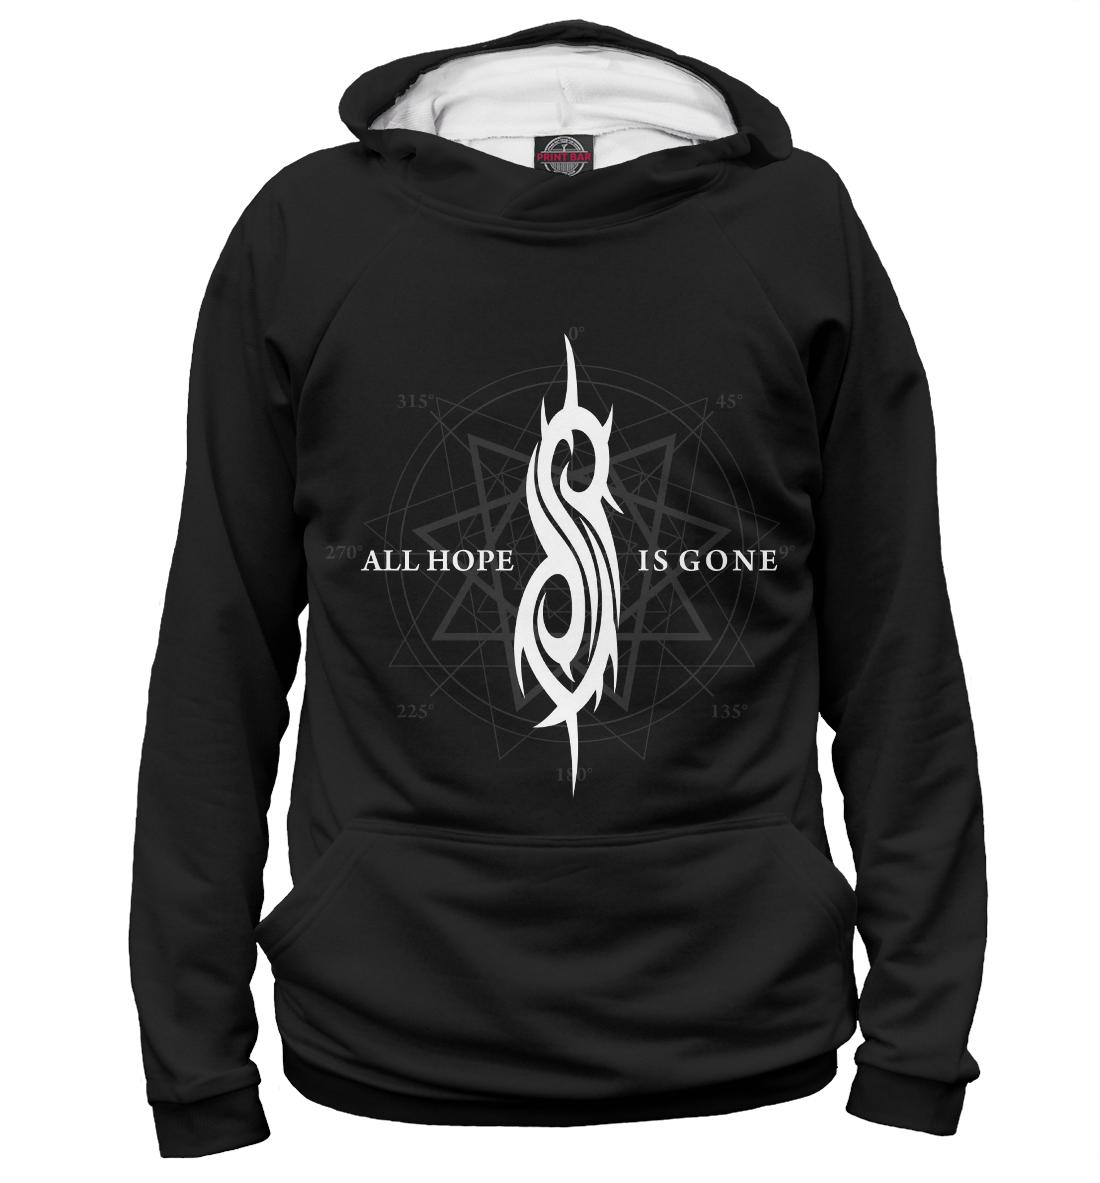 Купить Худи для мальчика Slipknot SLI-992524-hud-2